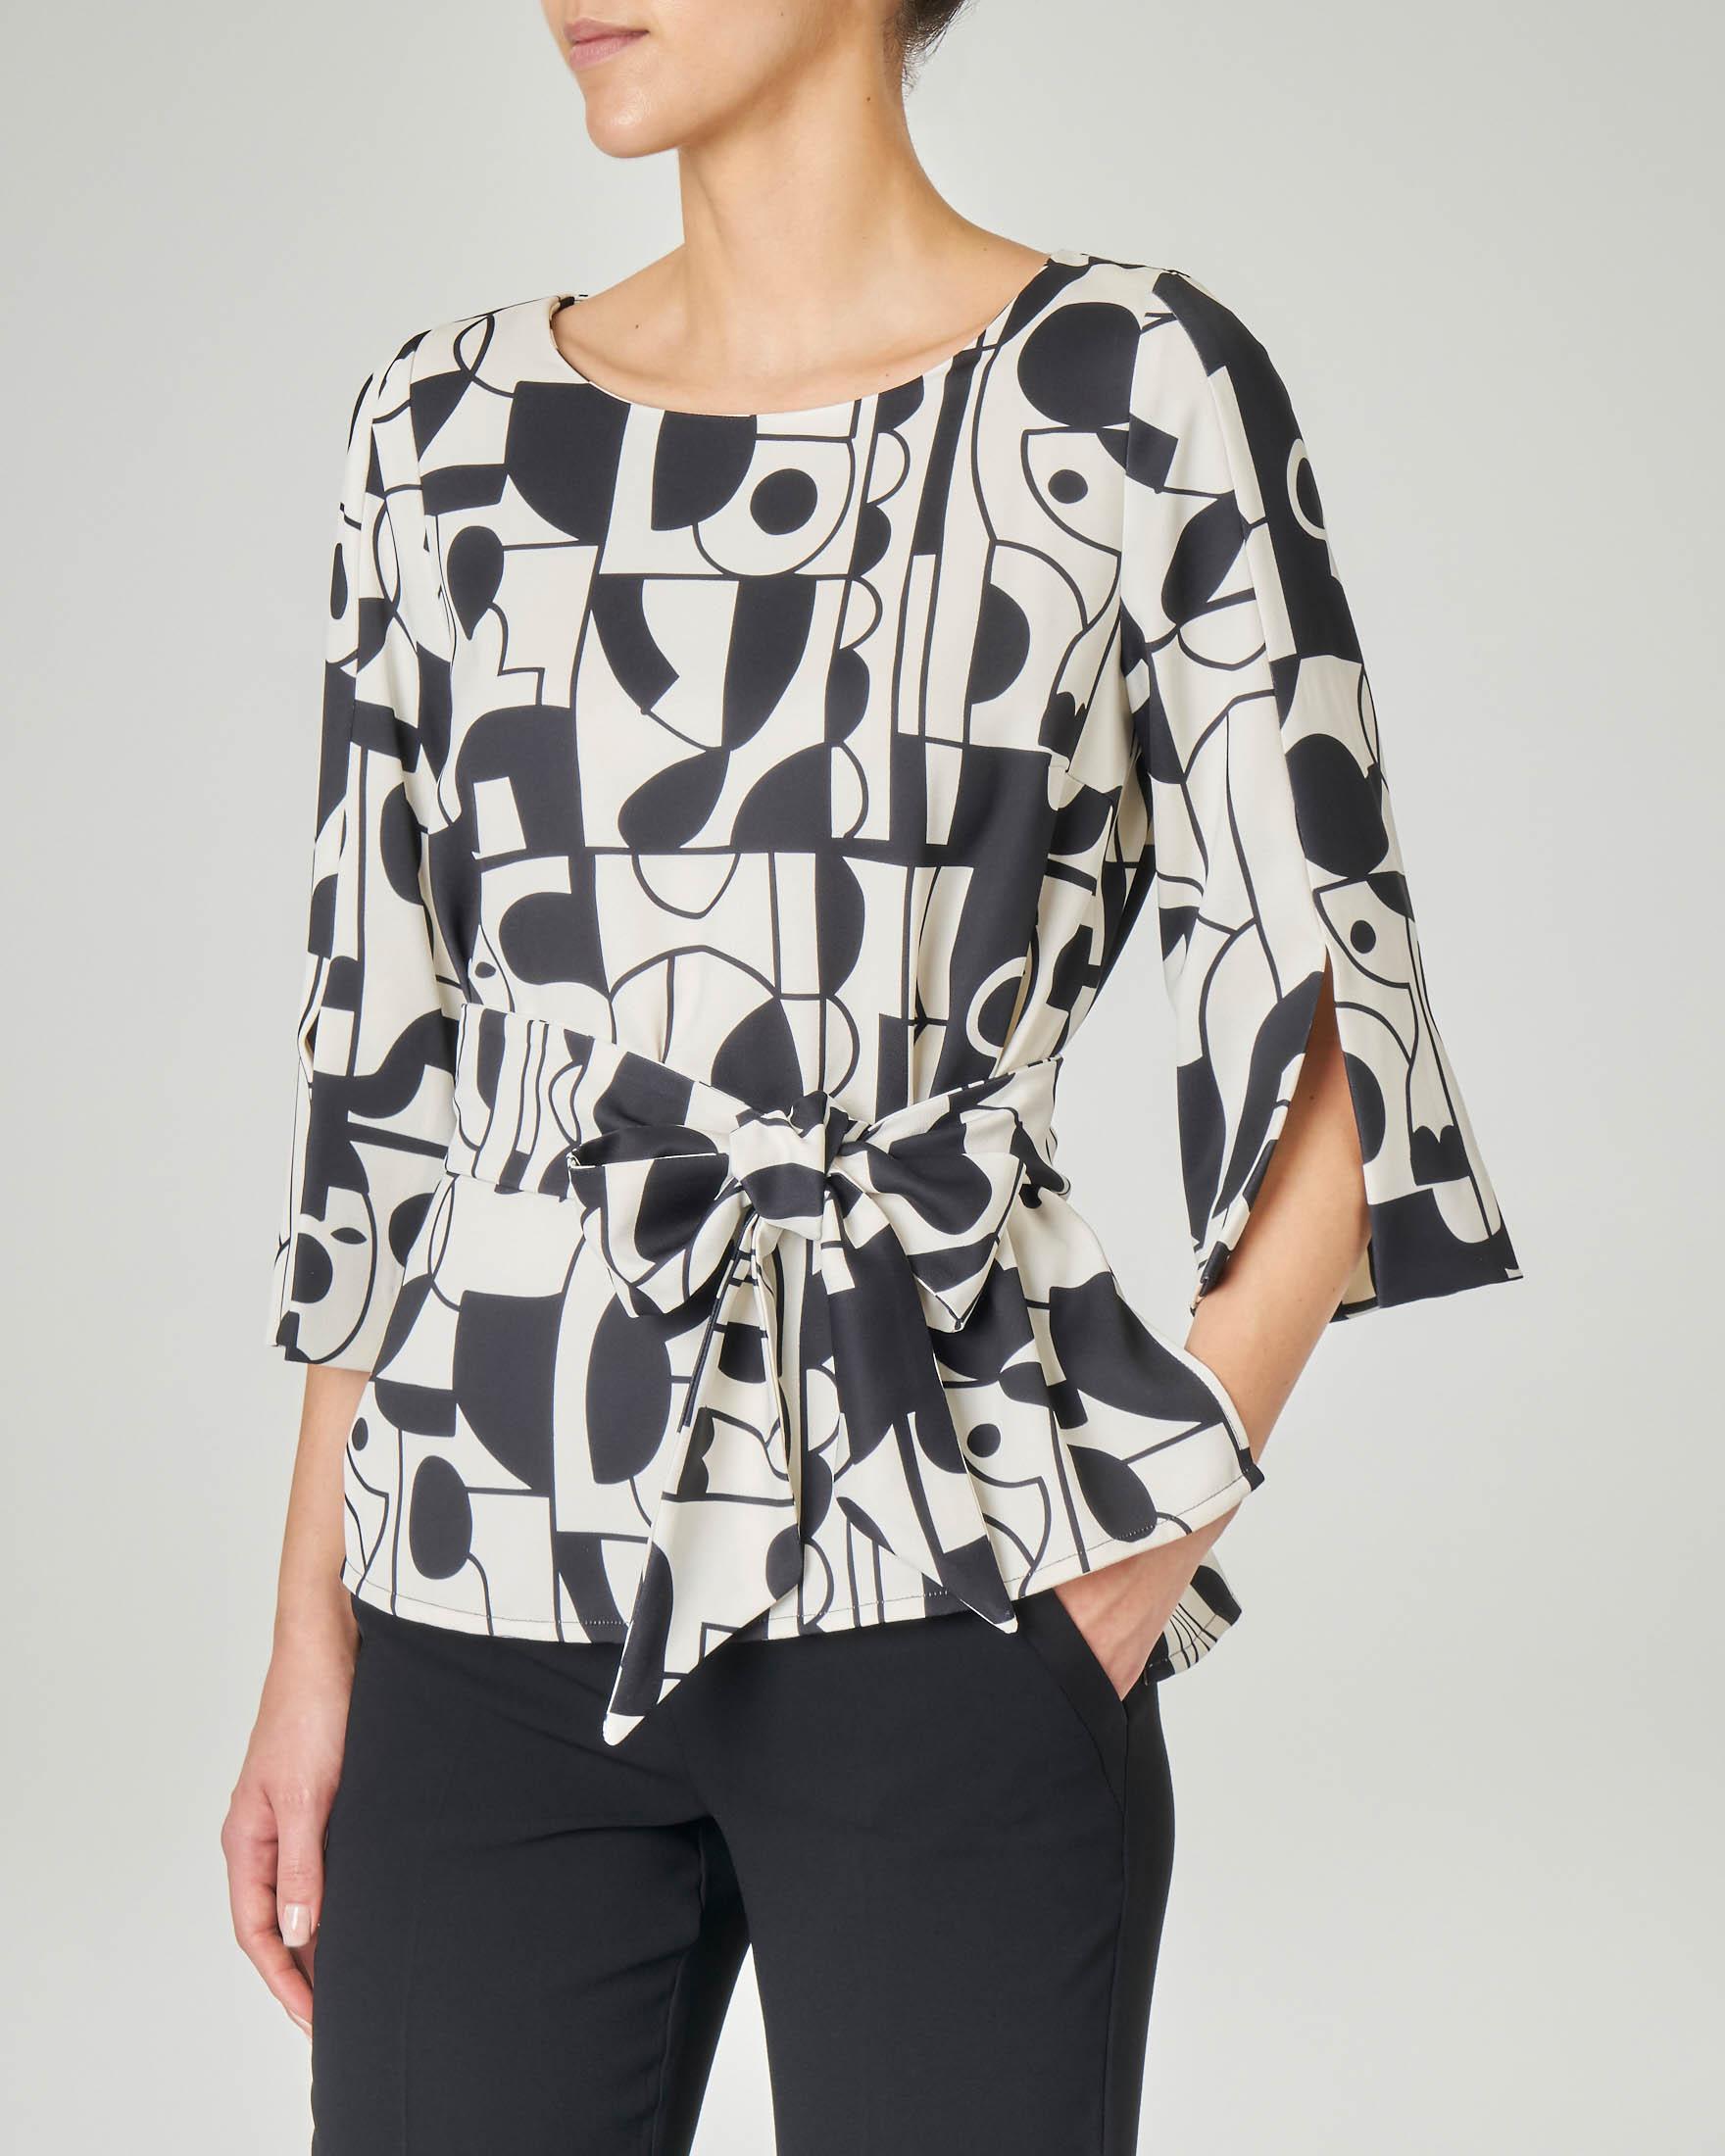 Blusa girocollo LW x ART. 365 in crêpe a fantasia geometrica in bianco e nero con maniche tre quarti